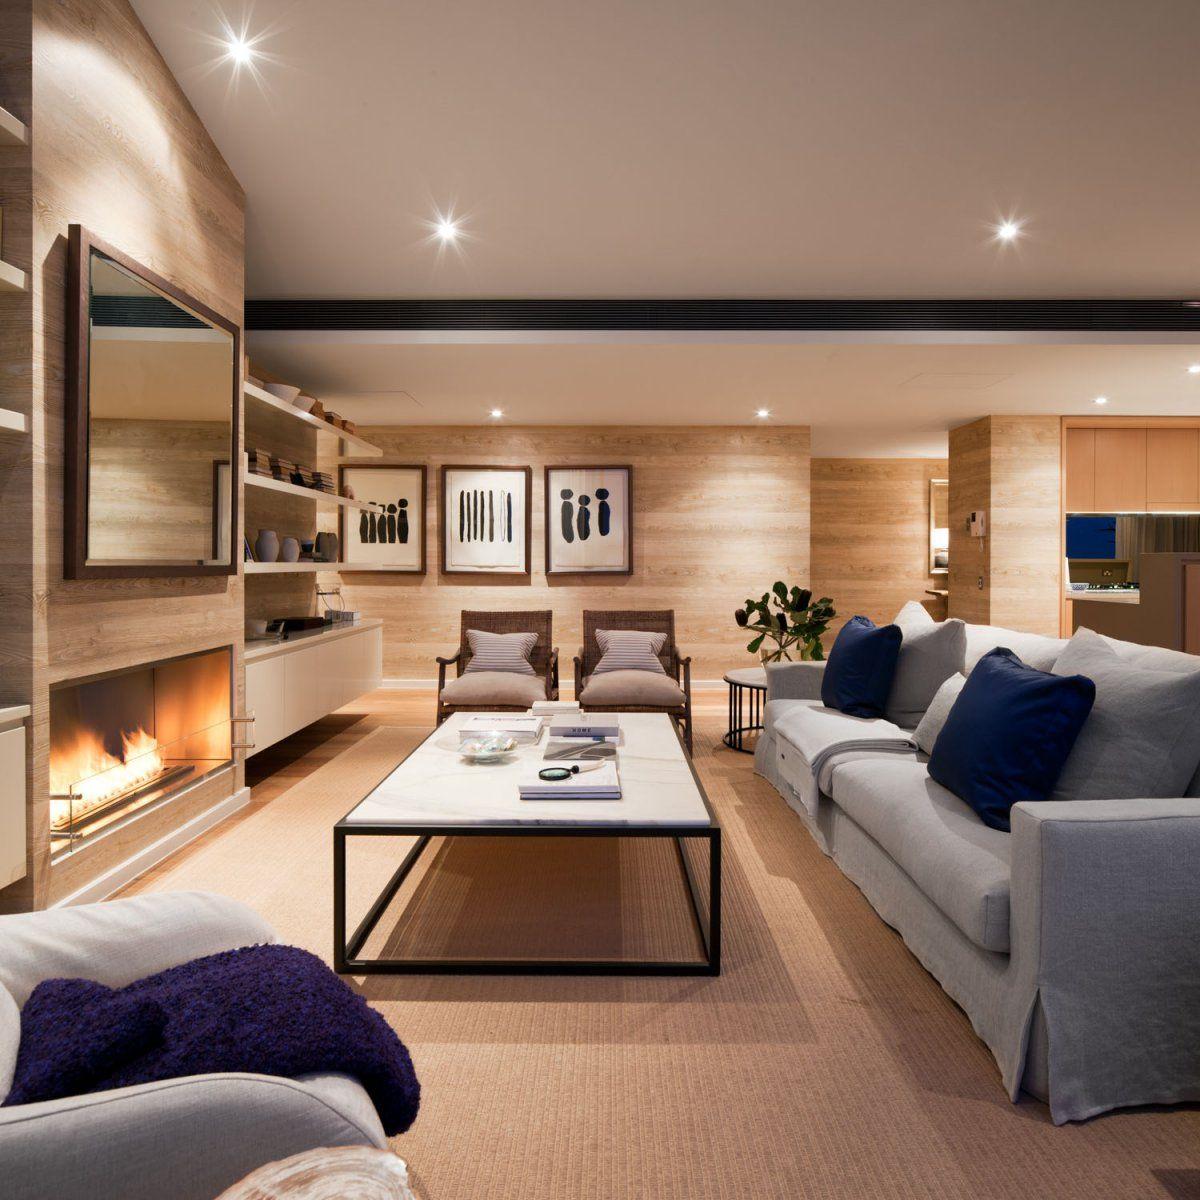 Wohnhaus Melbourne Offener Wohnbereich Sofa Holz Couchtisch | Wohnideen |  Pinterest | Wohnbereich, Wohnhaus Und Couchtische